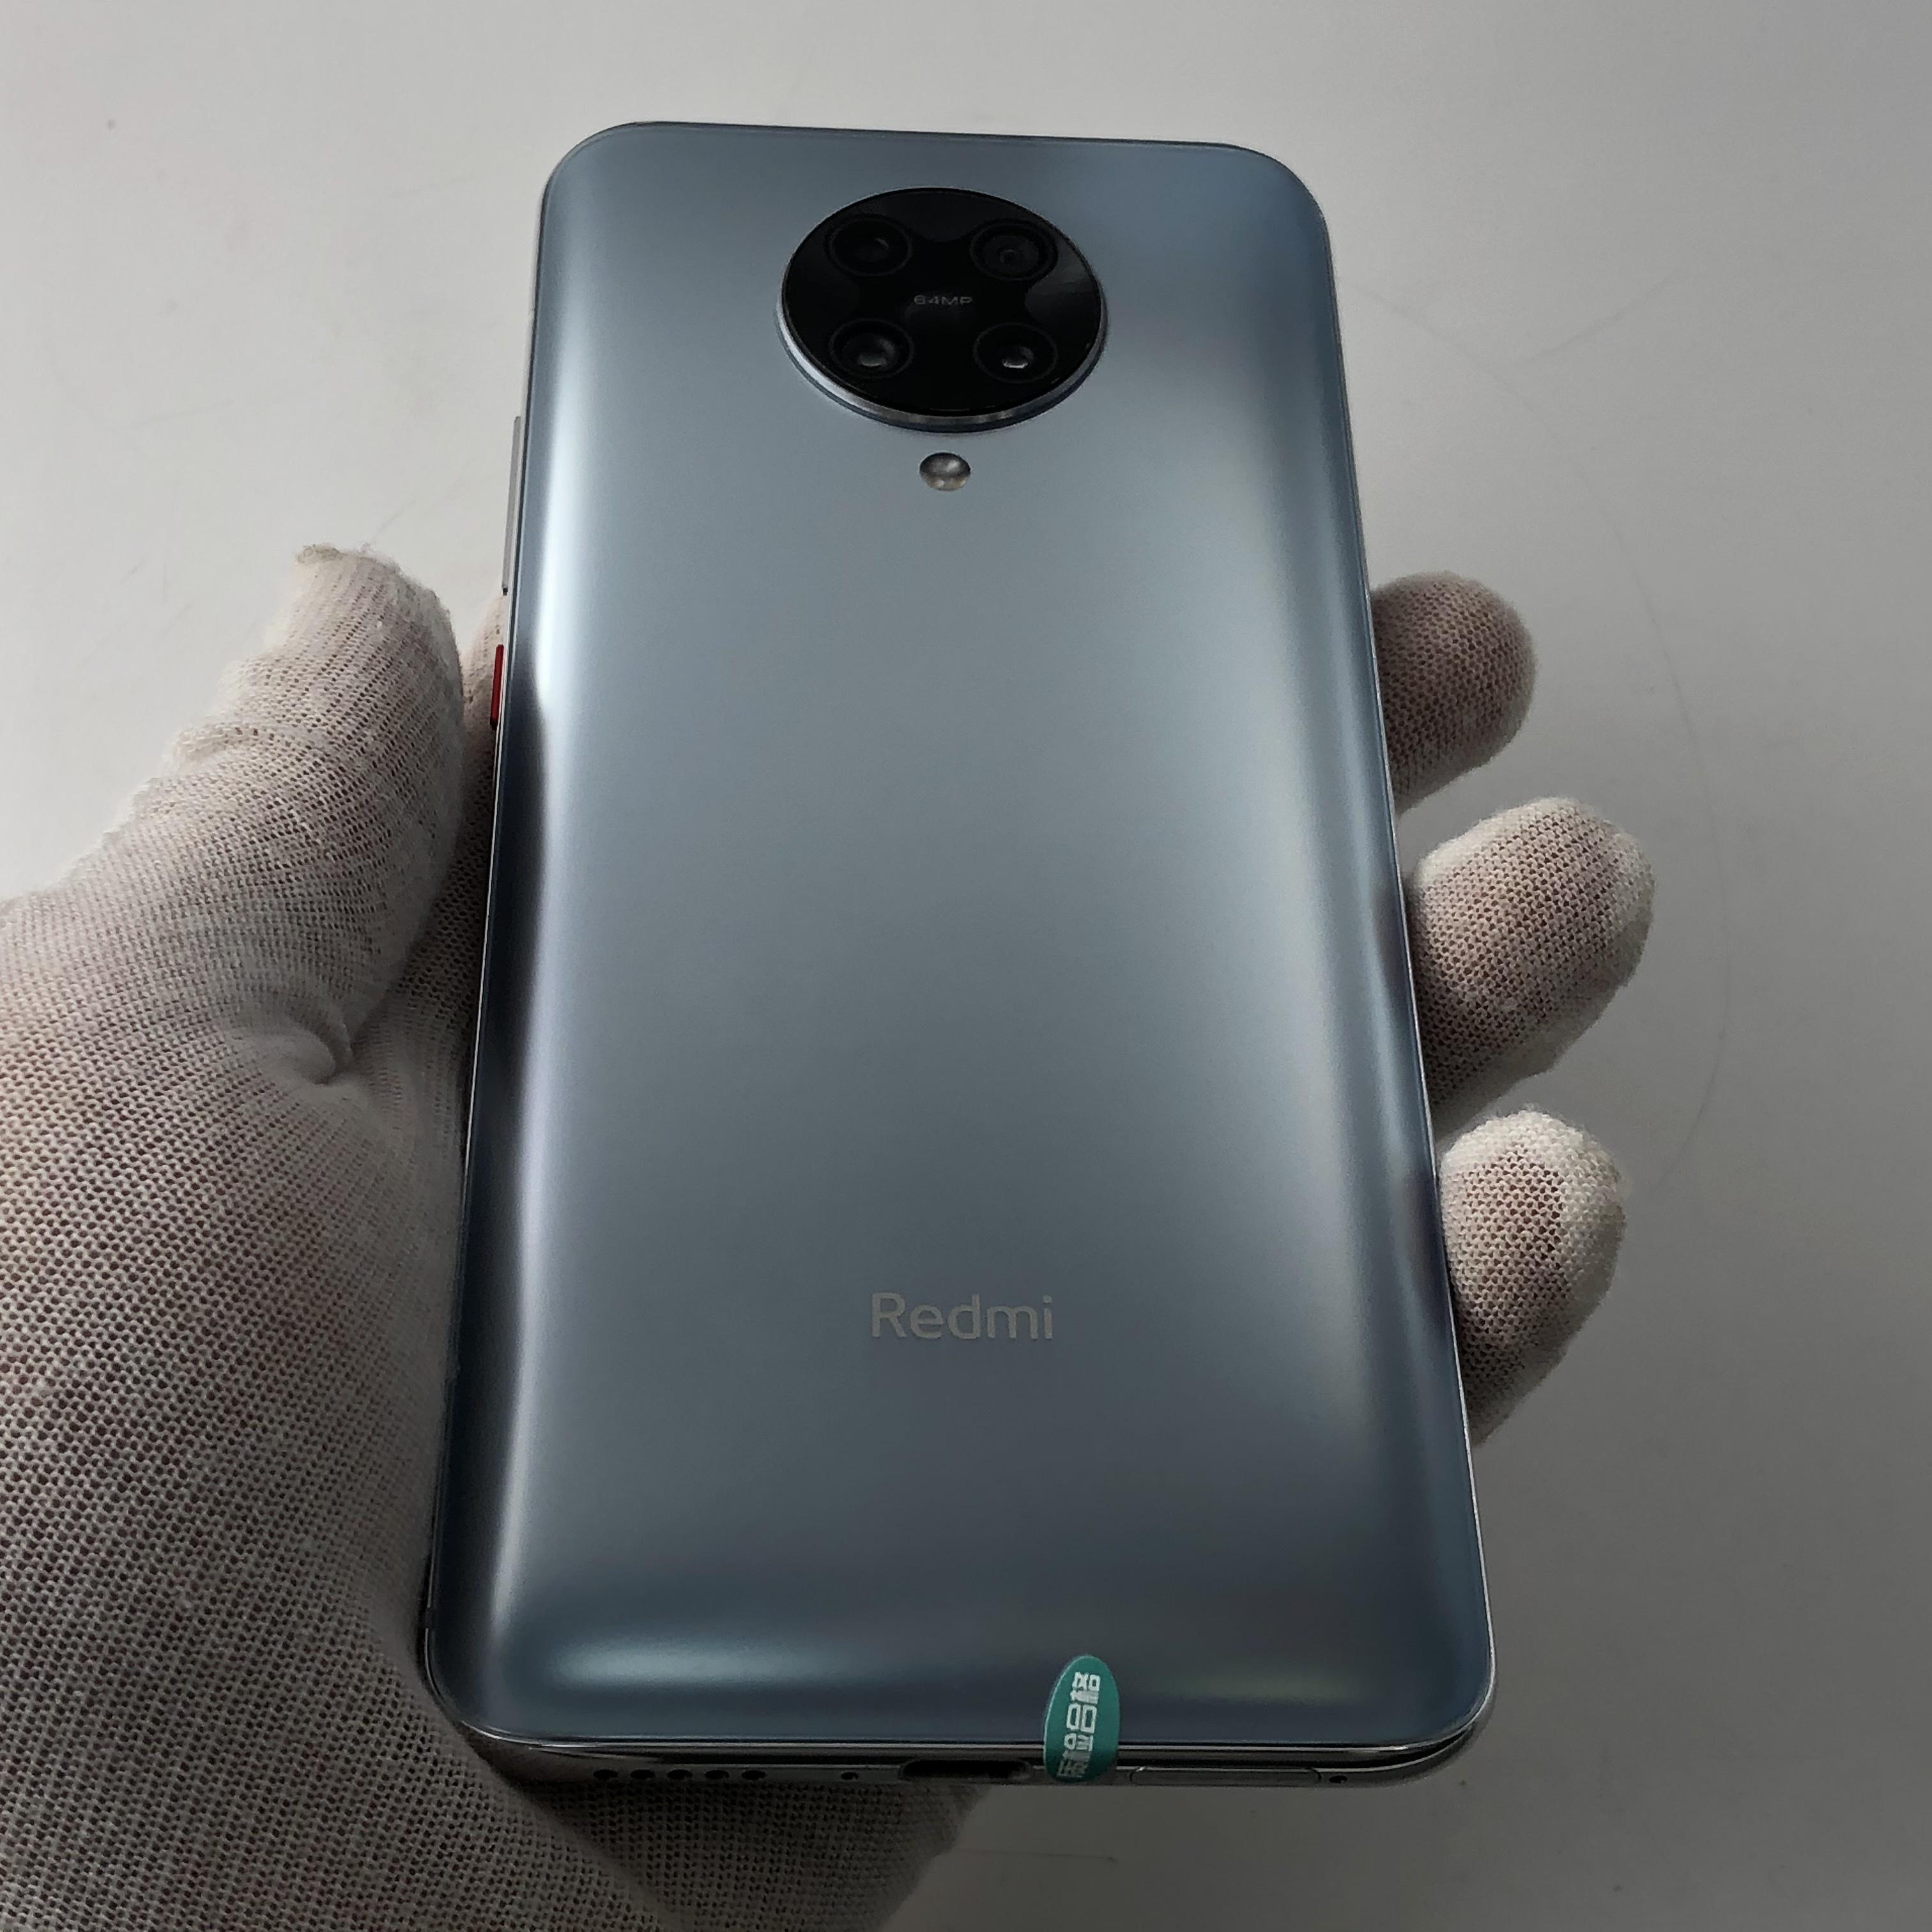 小米【Redmi k30 Pro 5G】5G全网通 月幕白 8G/256G 国行 95新